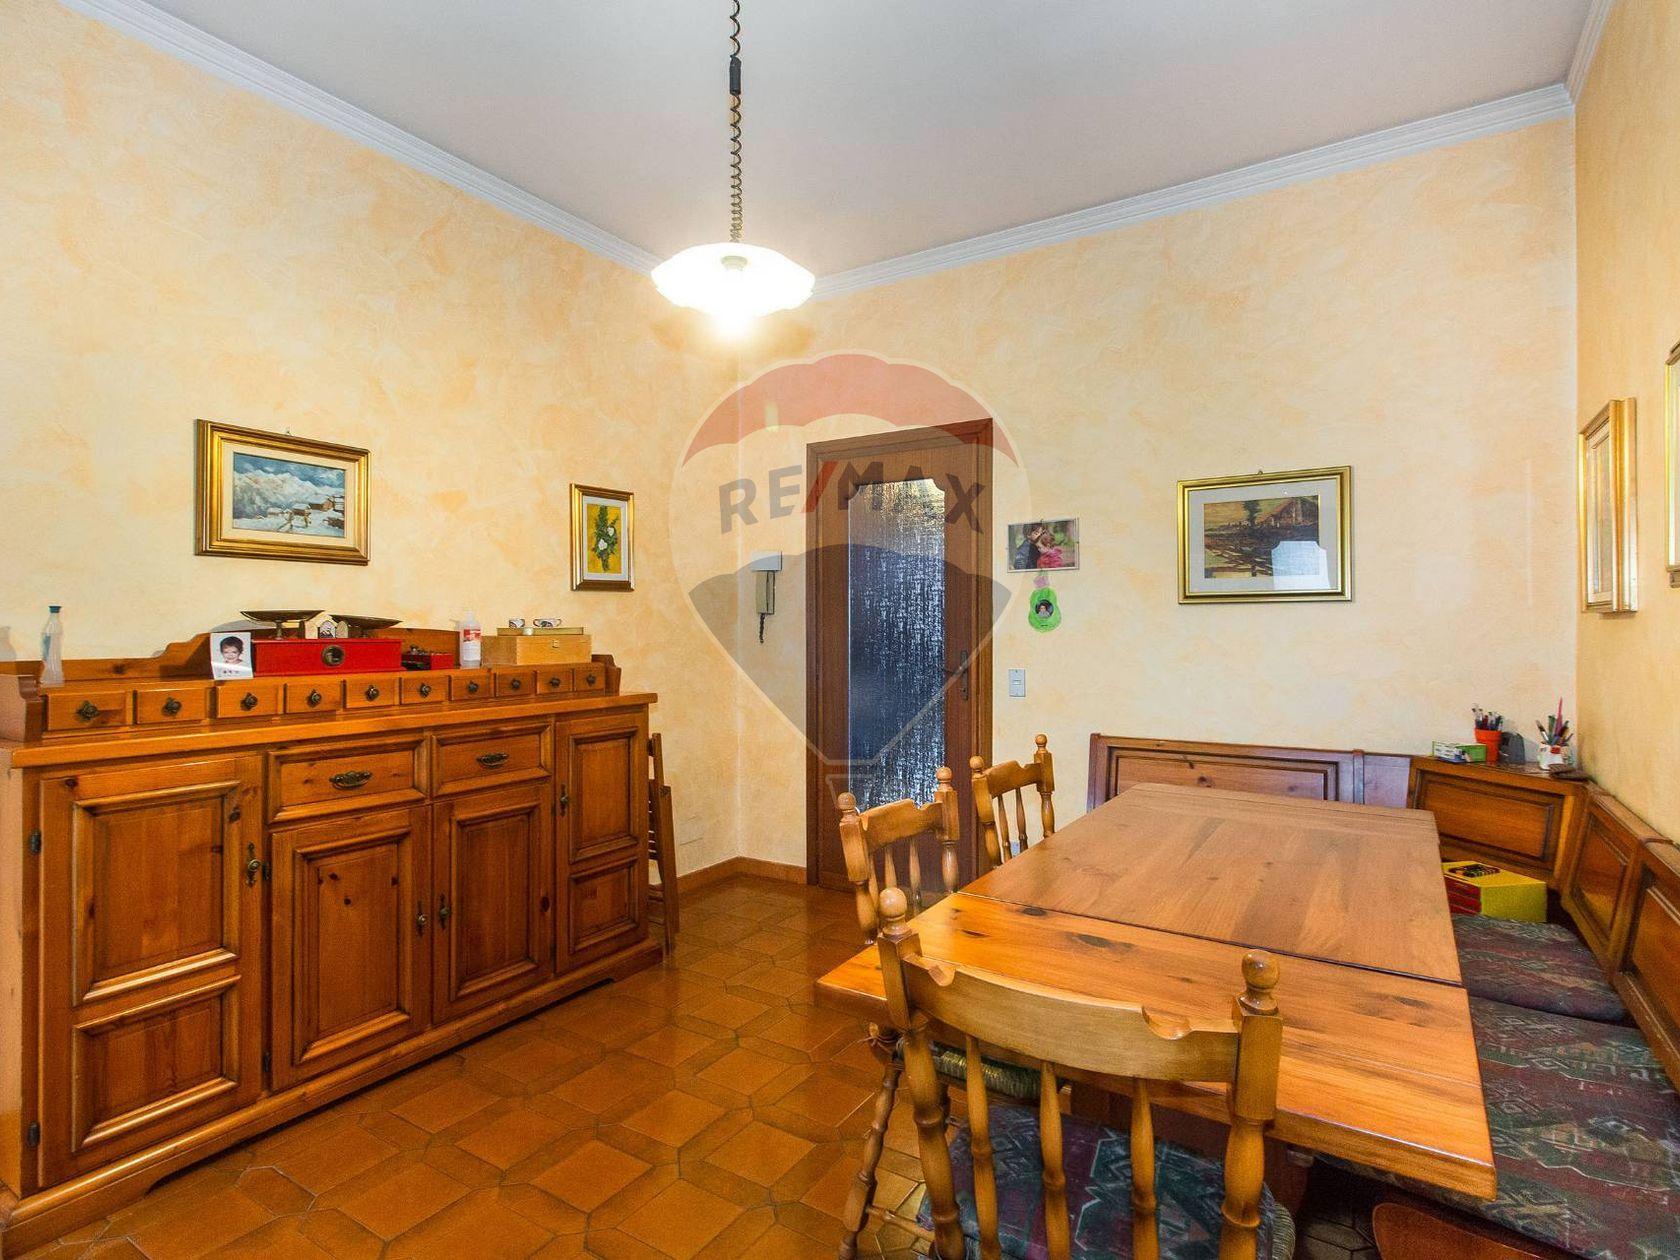 Appartamento San Pietro, Moncalieri, TO Vendita - Foto 20